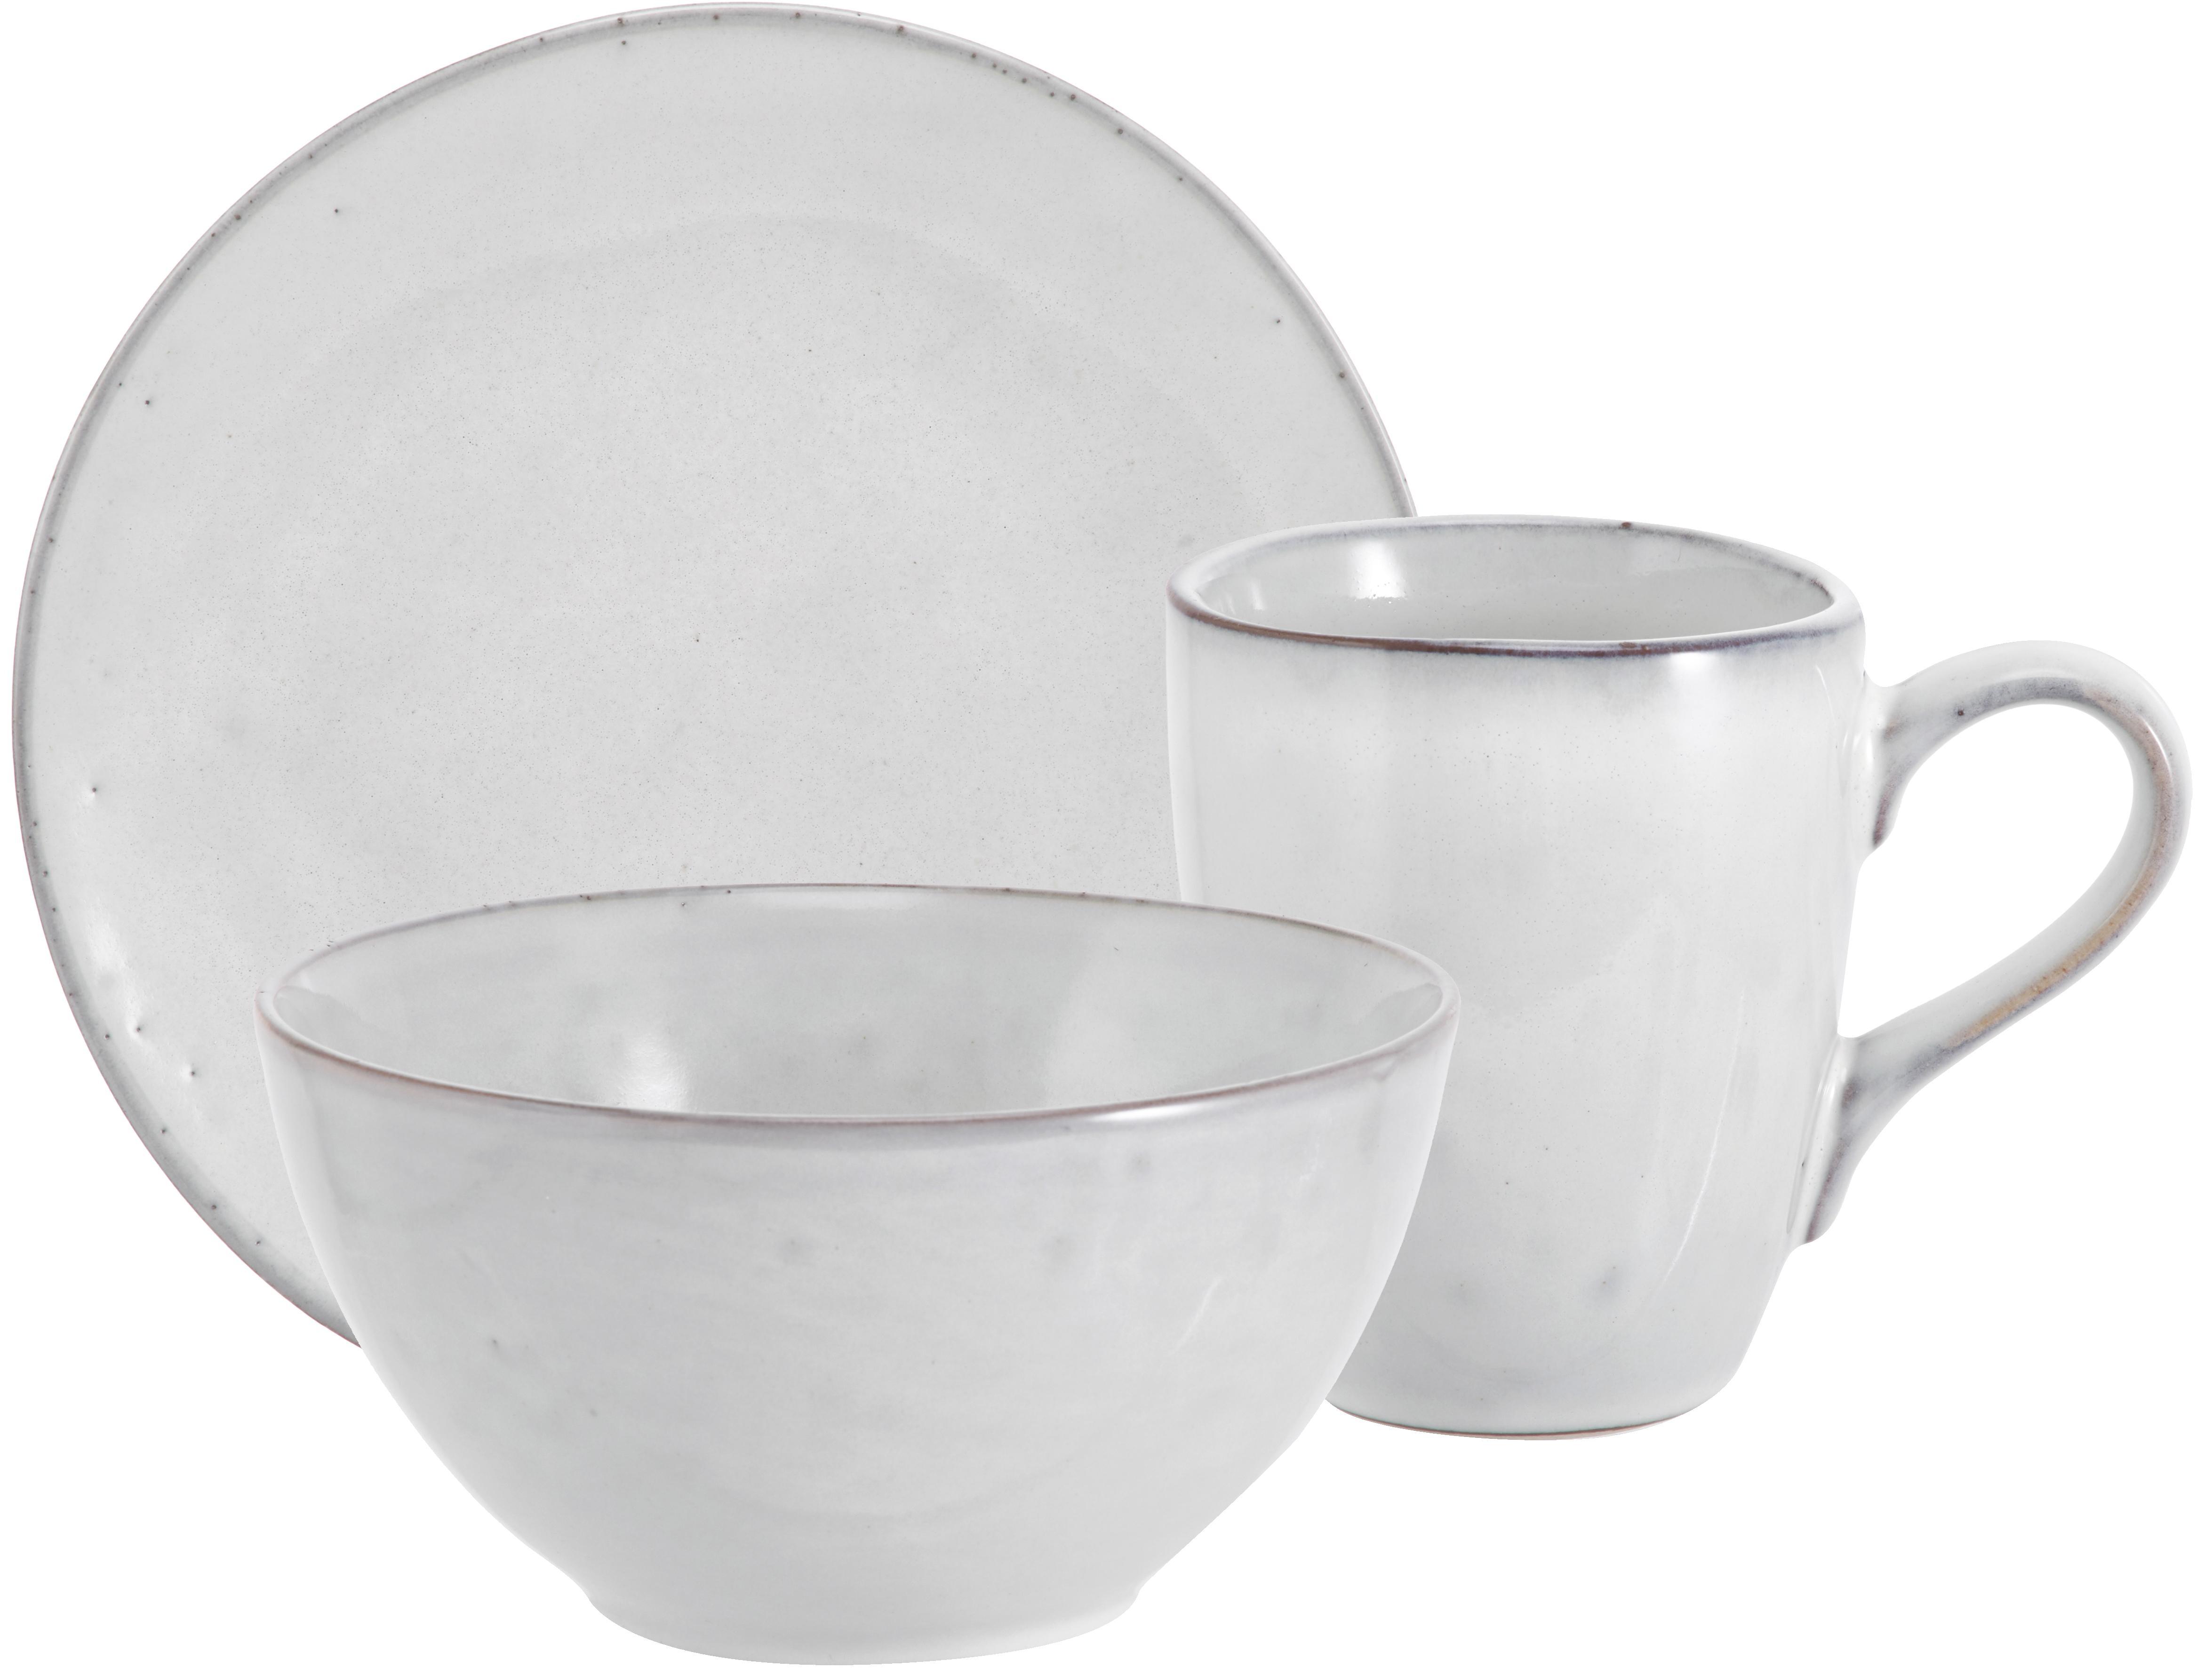 Handgemachtes Frühstücks-Set Nordic Sand aus Steingut, 4 Personen (12-tlg.), Steingut, Beige, Verschiedene Grössen